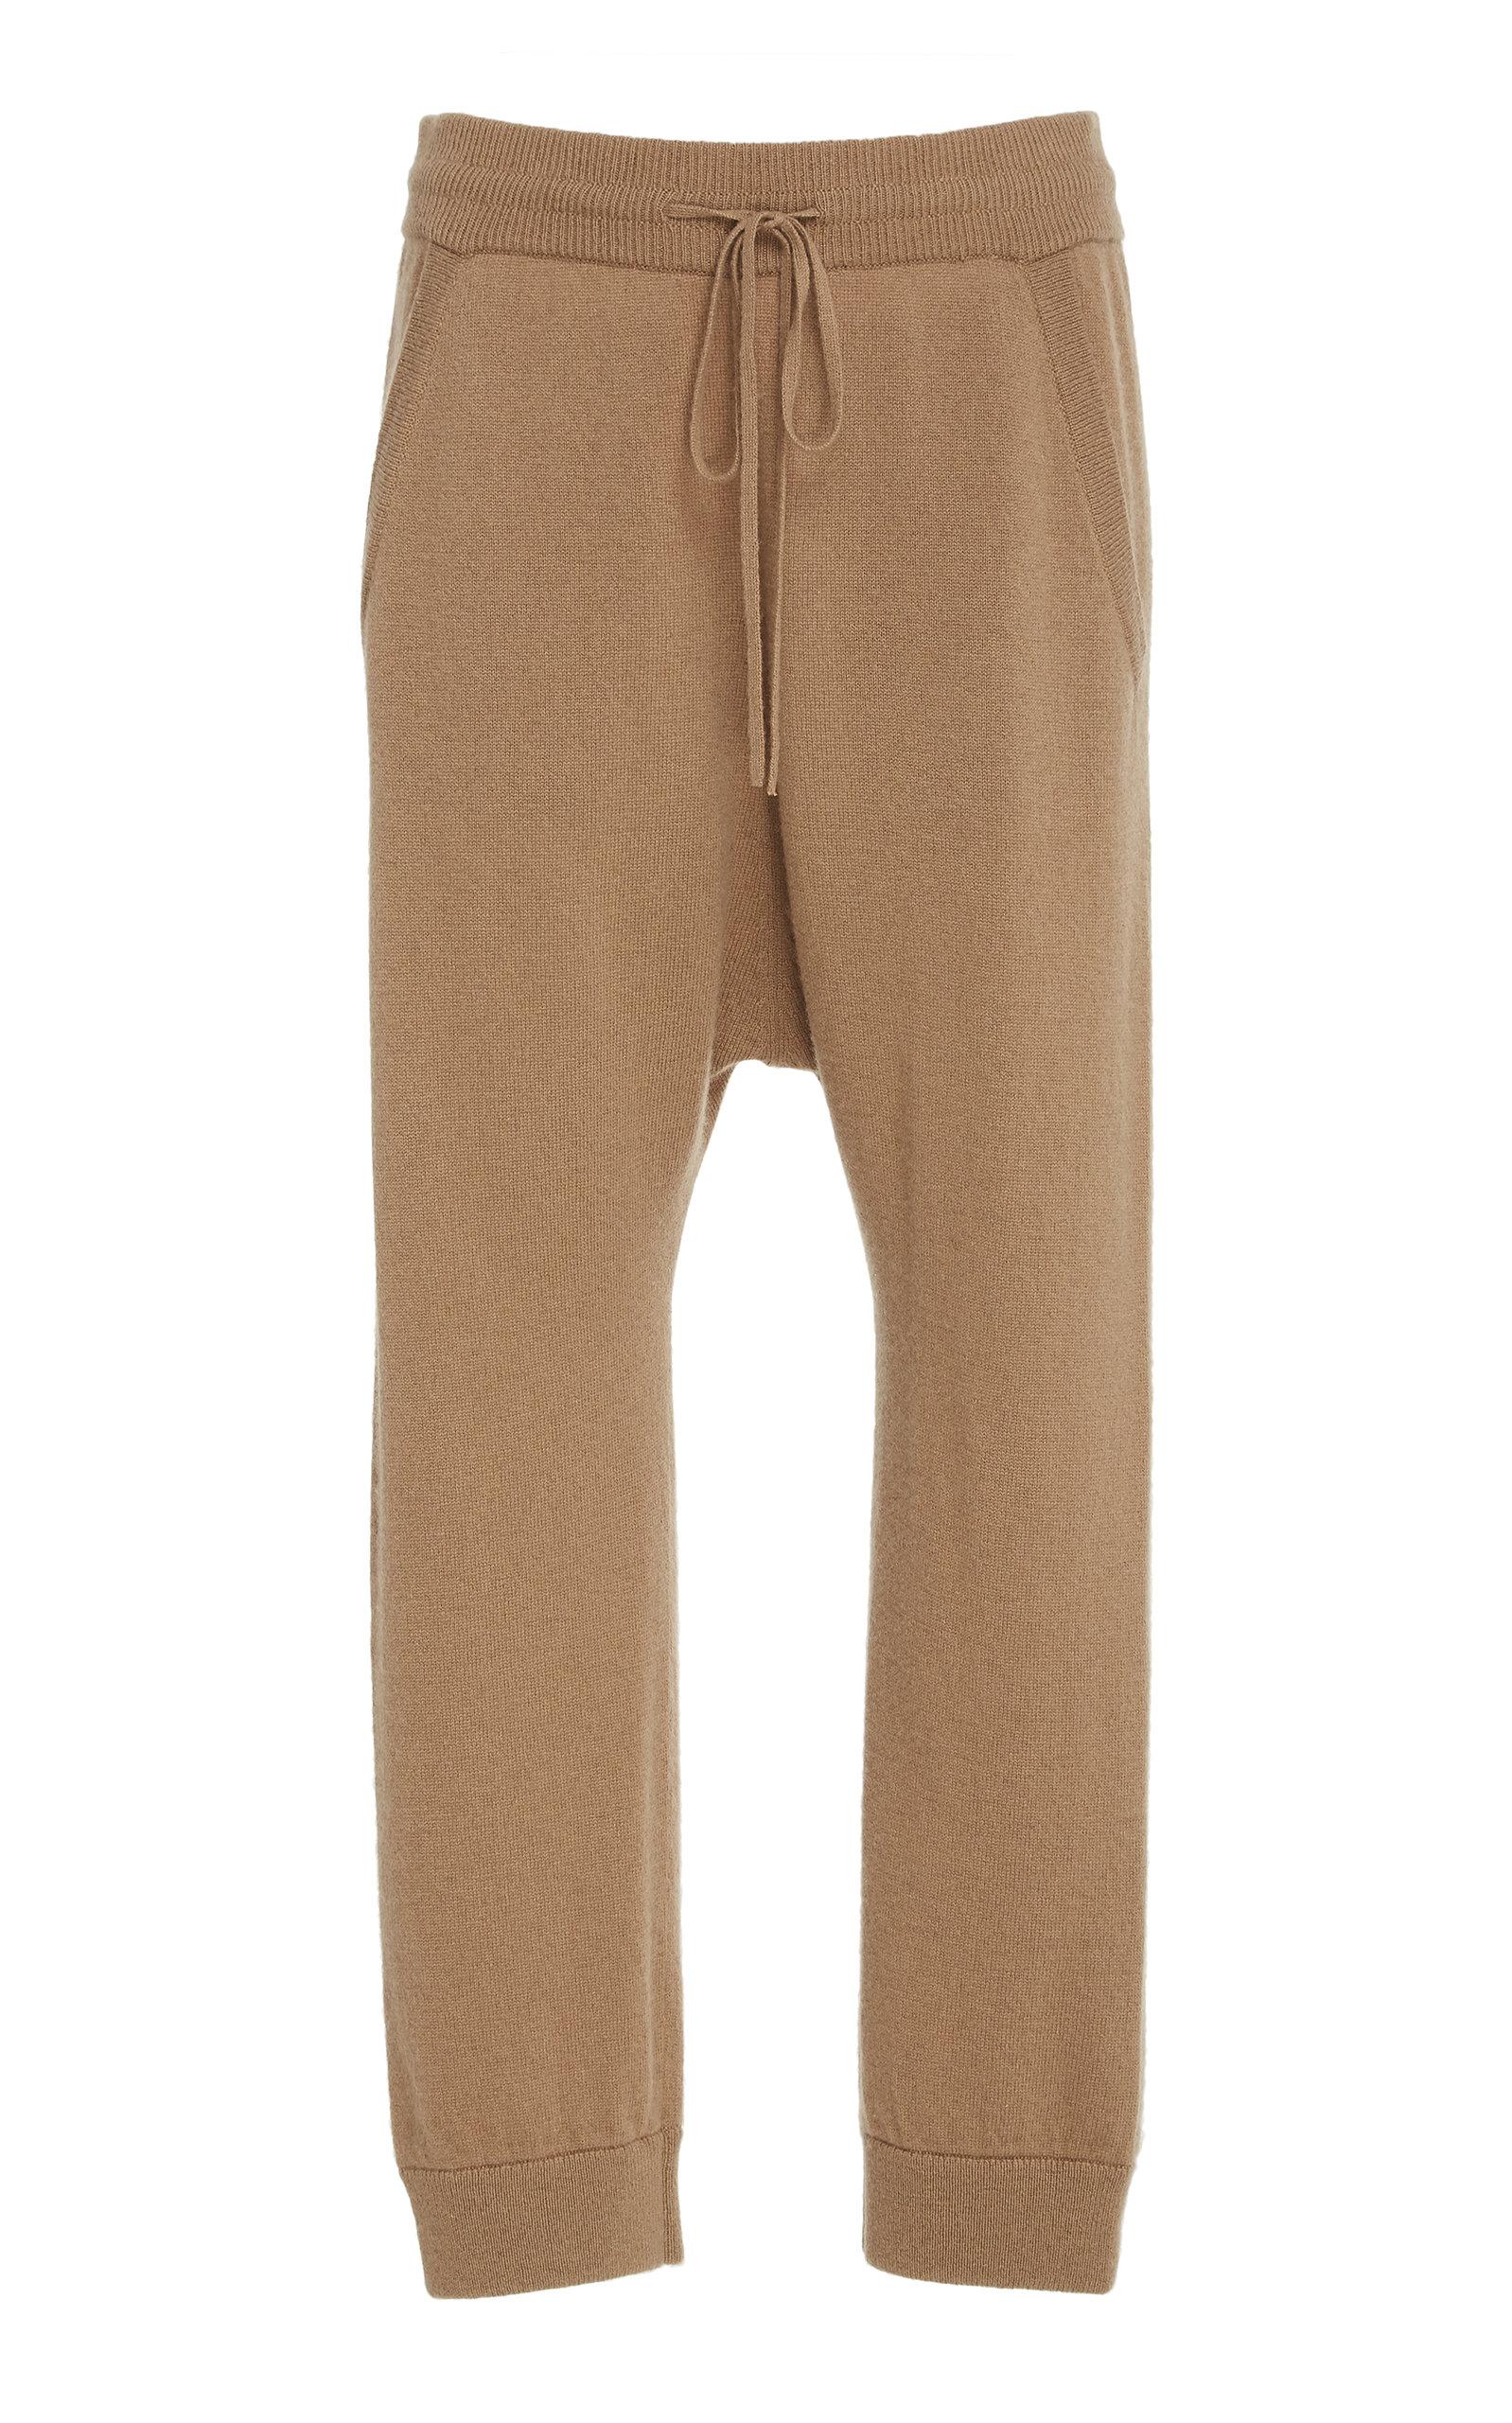 Nili Lotan Pants PARIS CASHMERE TRACK PANTS SIZE: M